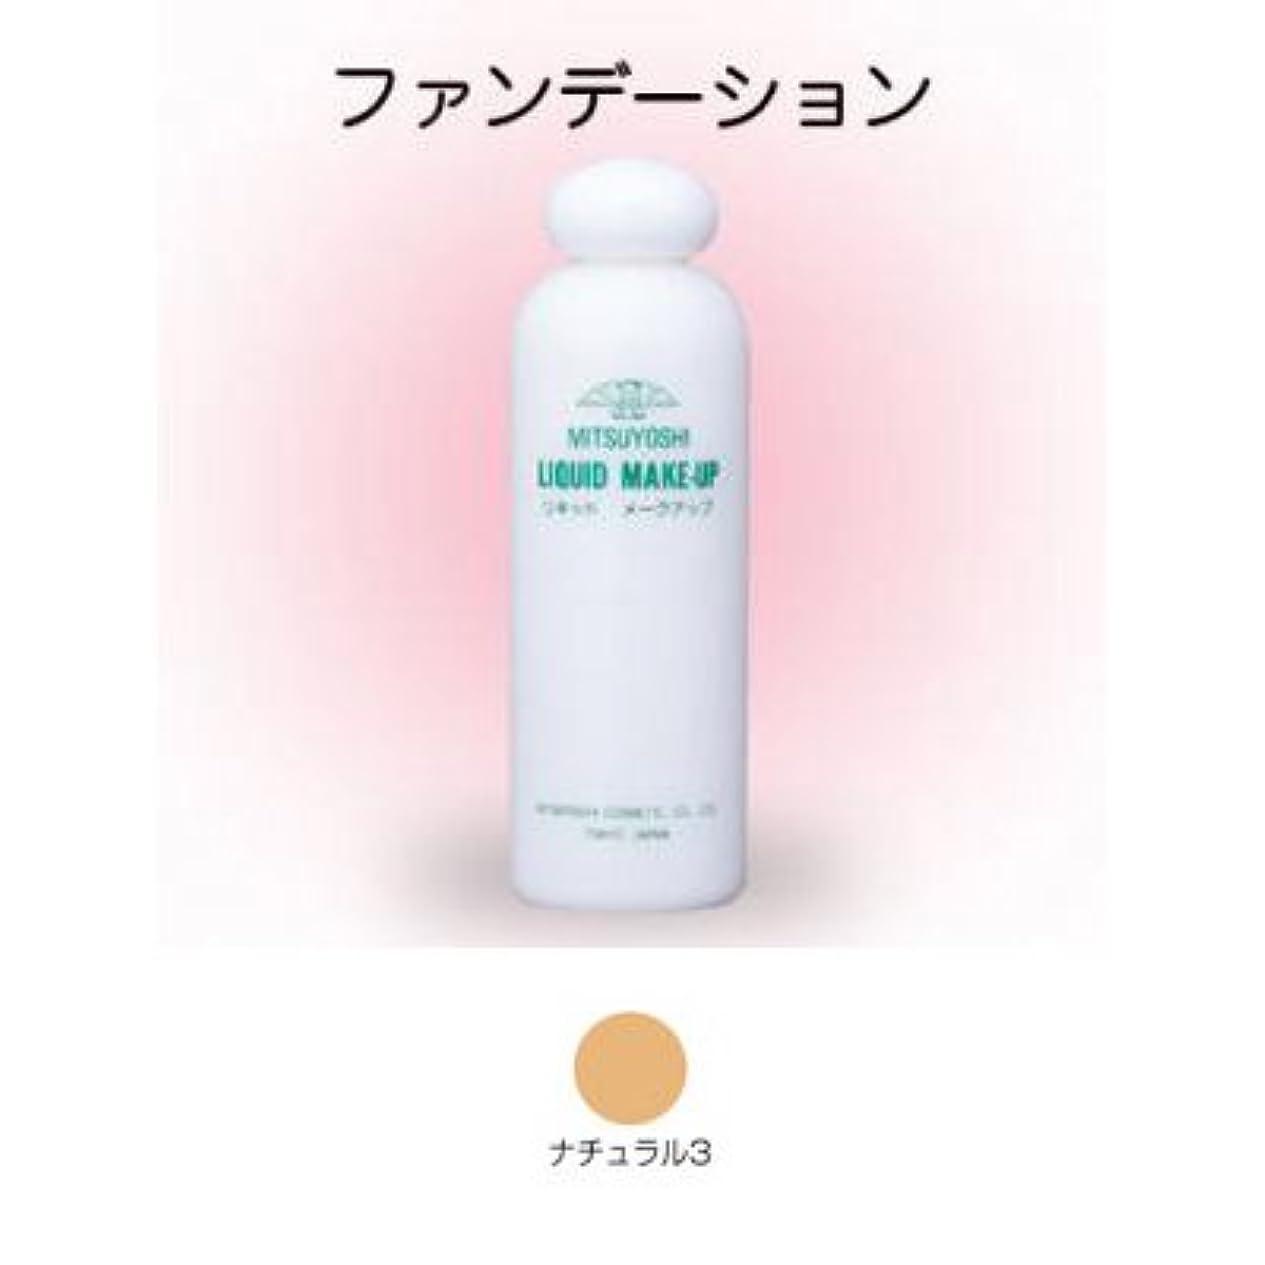 肉腫孤独なマティスリキッドメークアップ 200ml ナチュラル3 【三善】